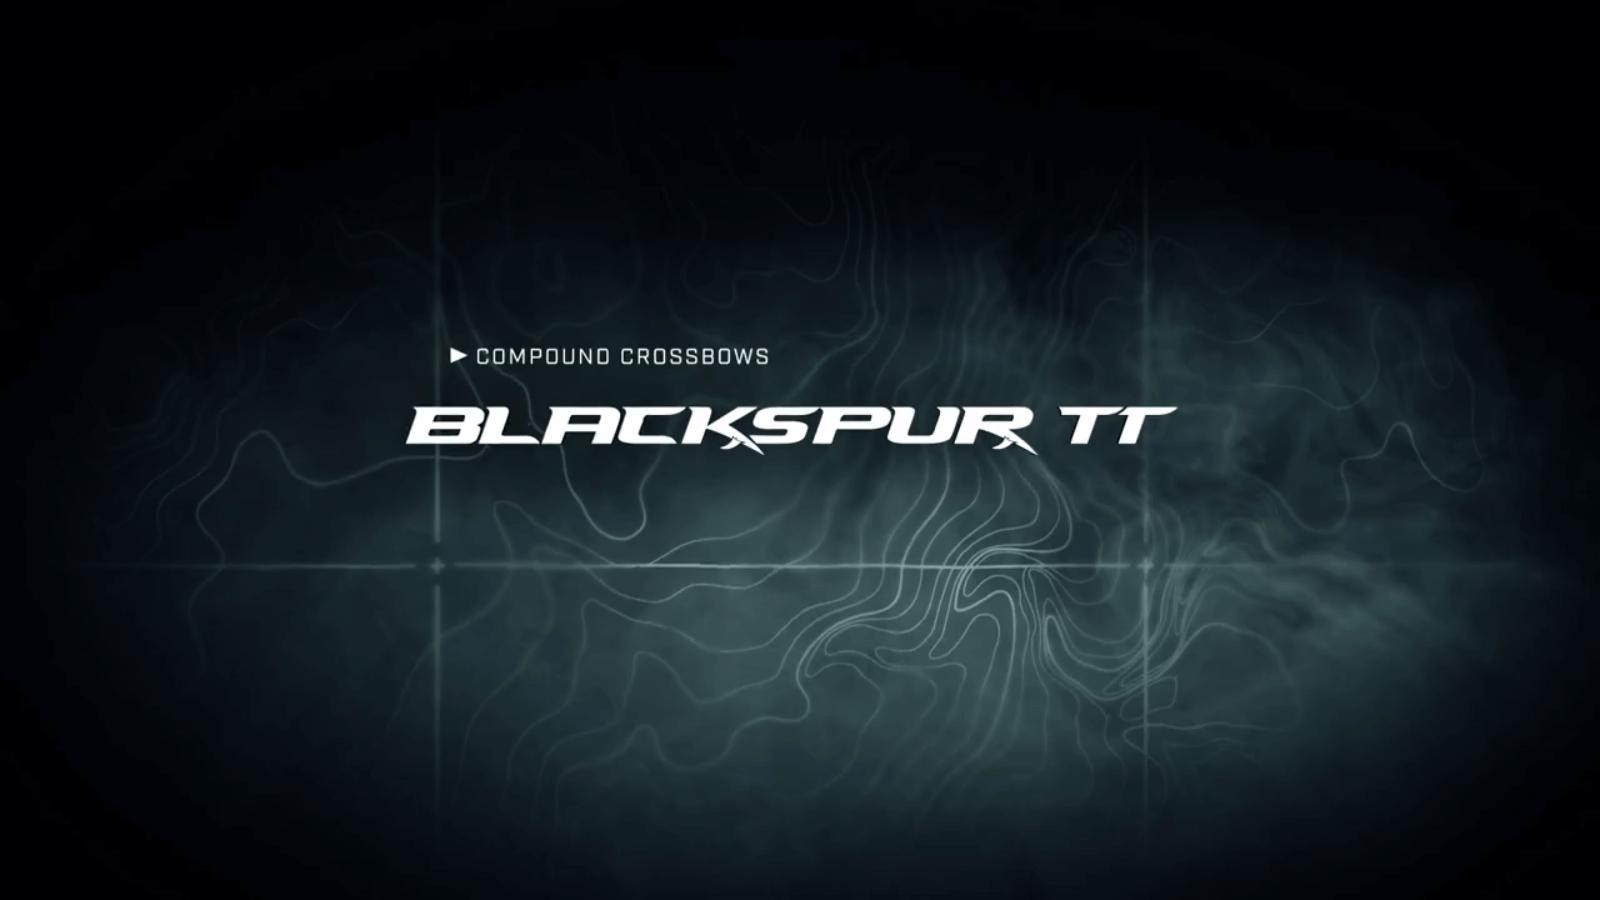 Blackspur TT